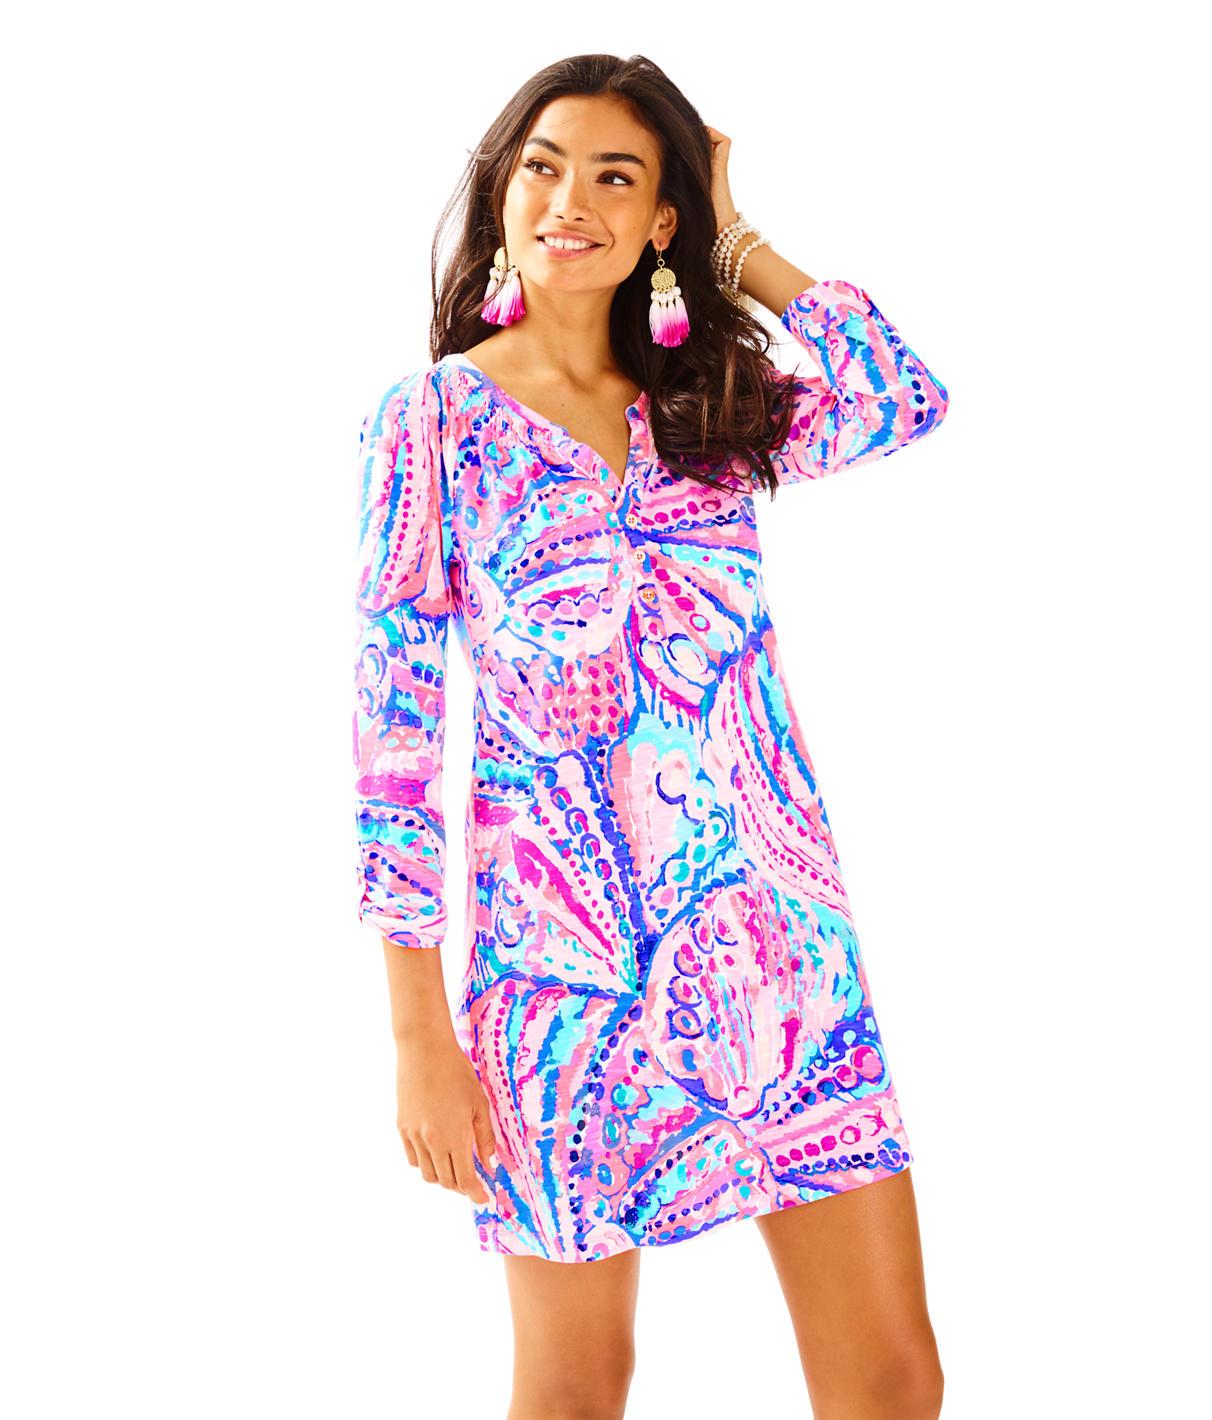 Lilly Pulitzer Sleeved Essie Dress